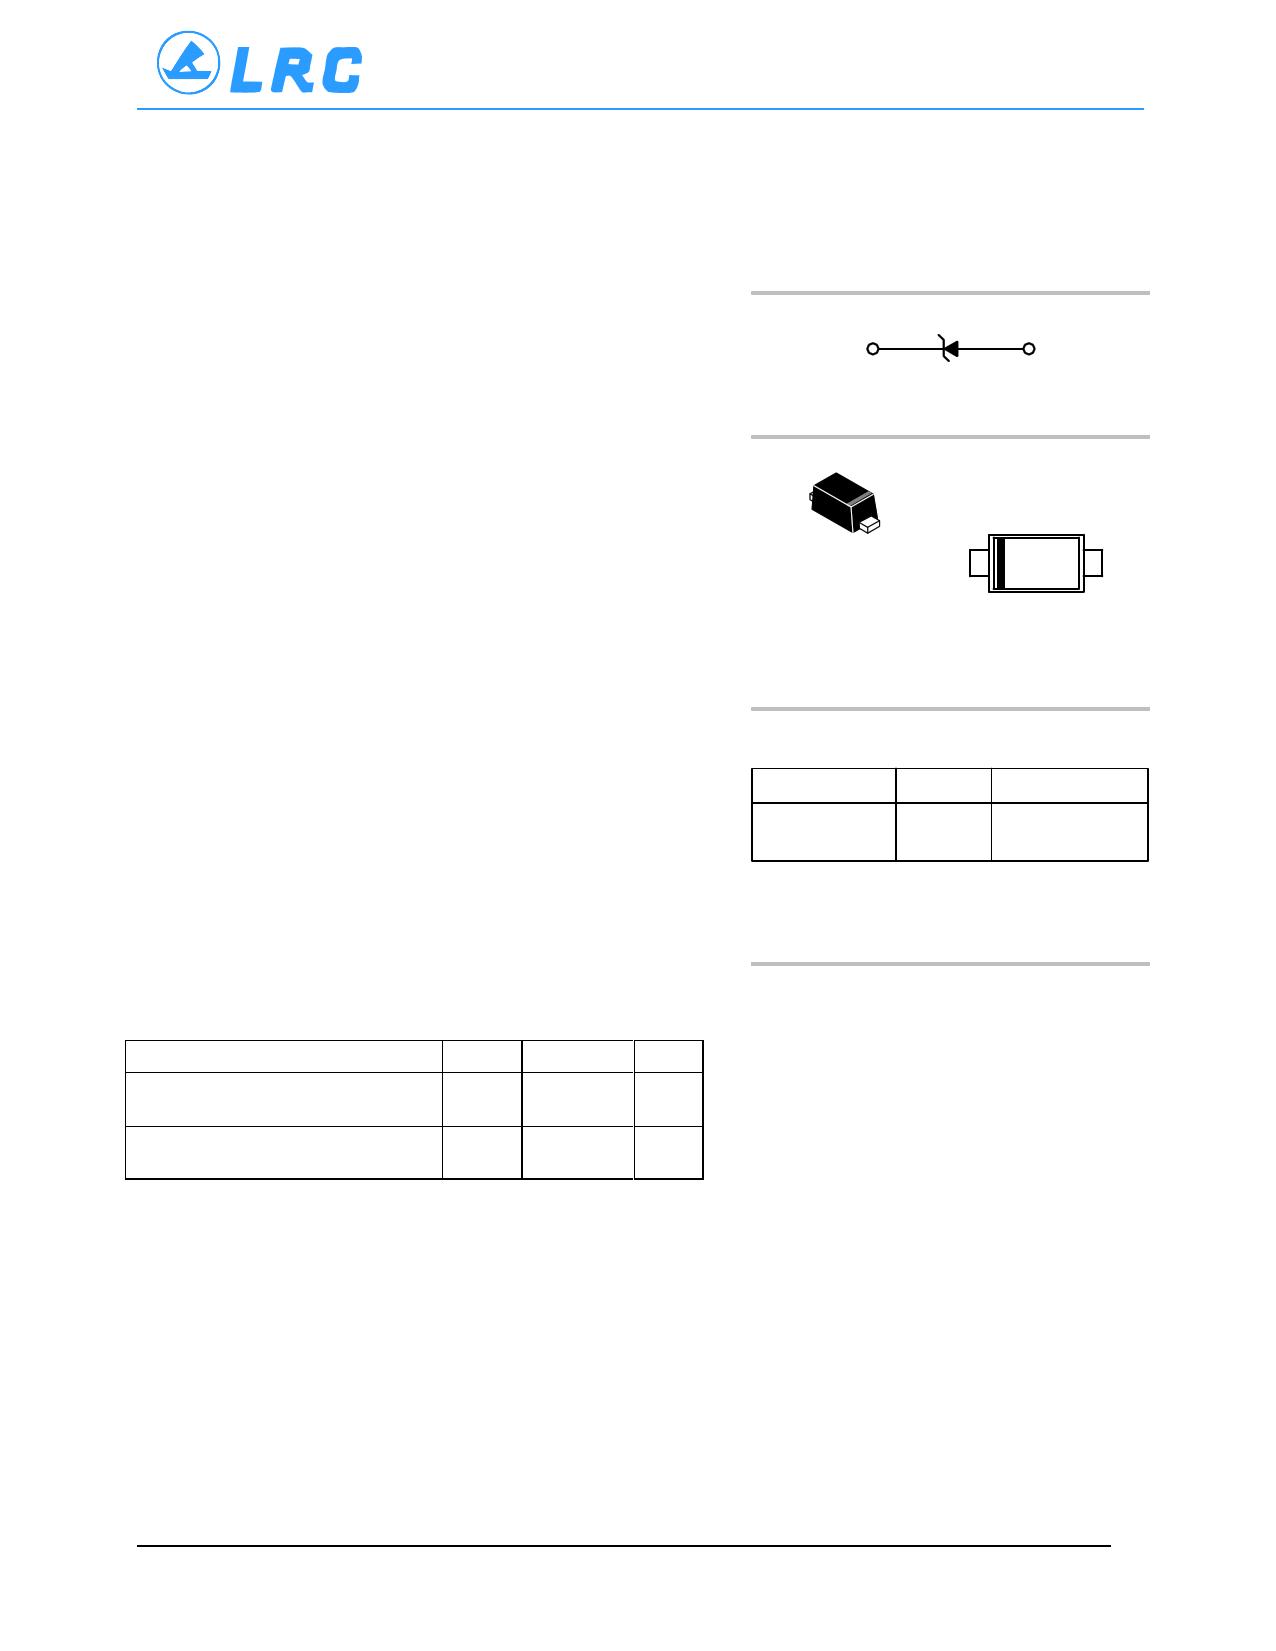 LNZ9F16VT5G datasheet, circuit